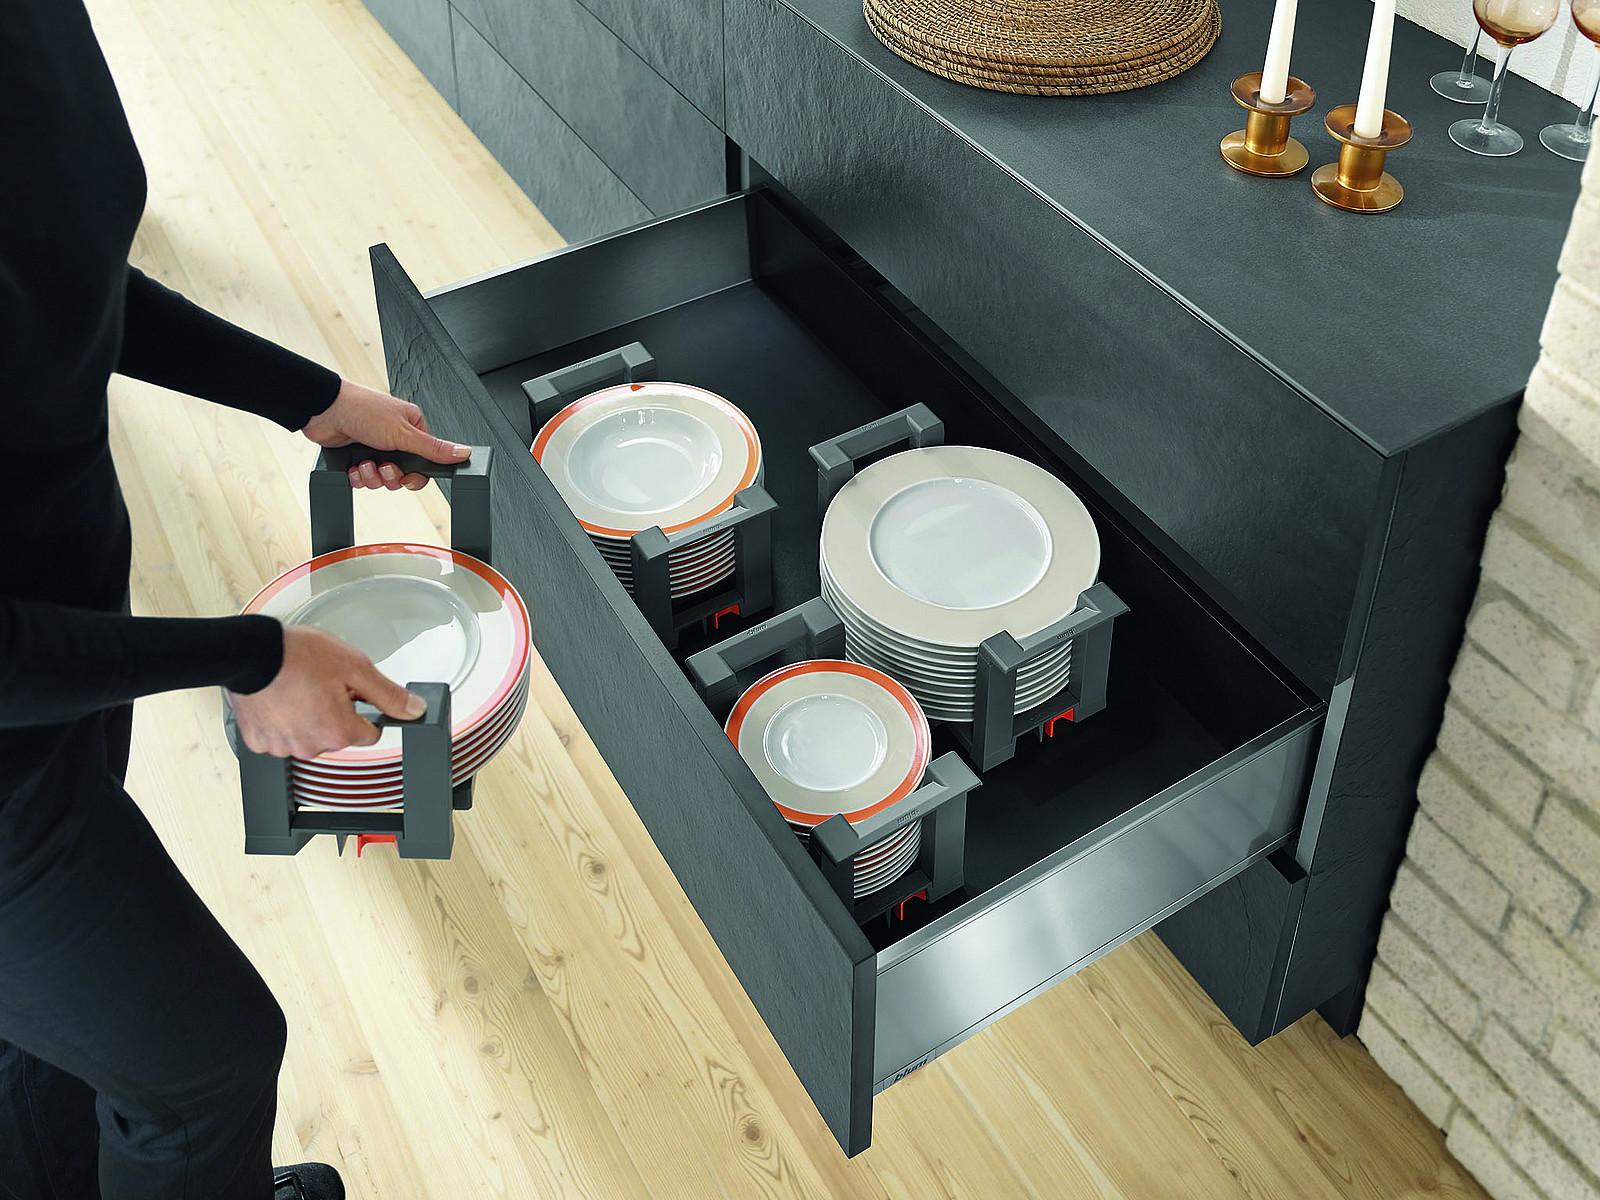 Full Size of Schubladeneinsatz Teller Innenausstattung So Vermeiden Sie Chaos In Der Kche Sofa Hersteller Küche Wohnzimmer Schubladeneinsatz Teller